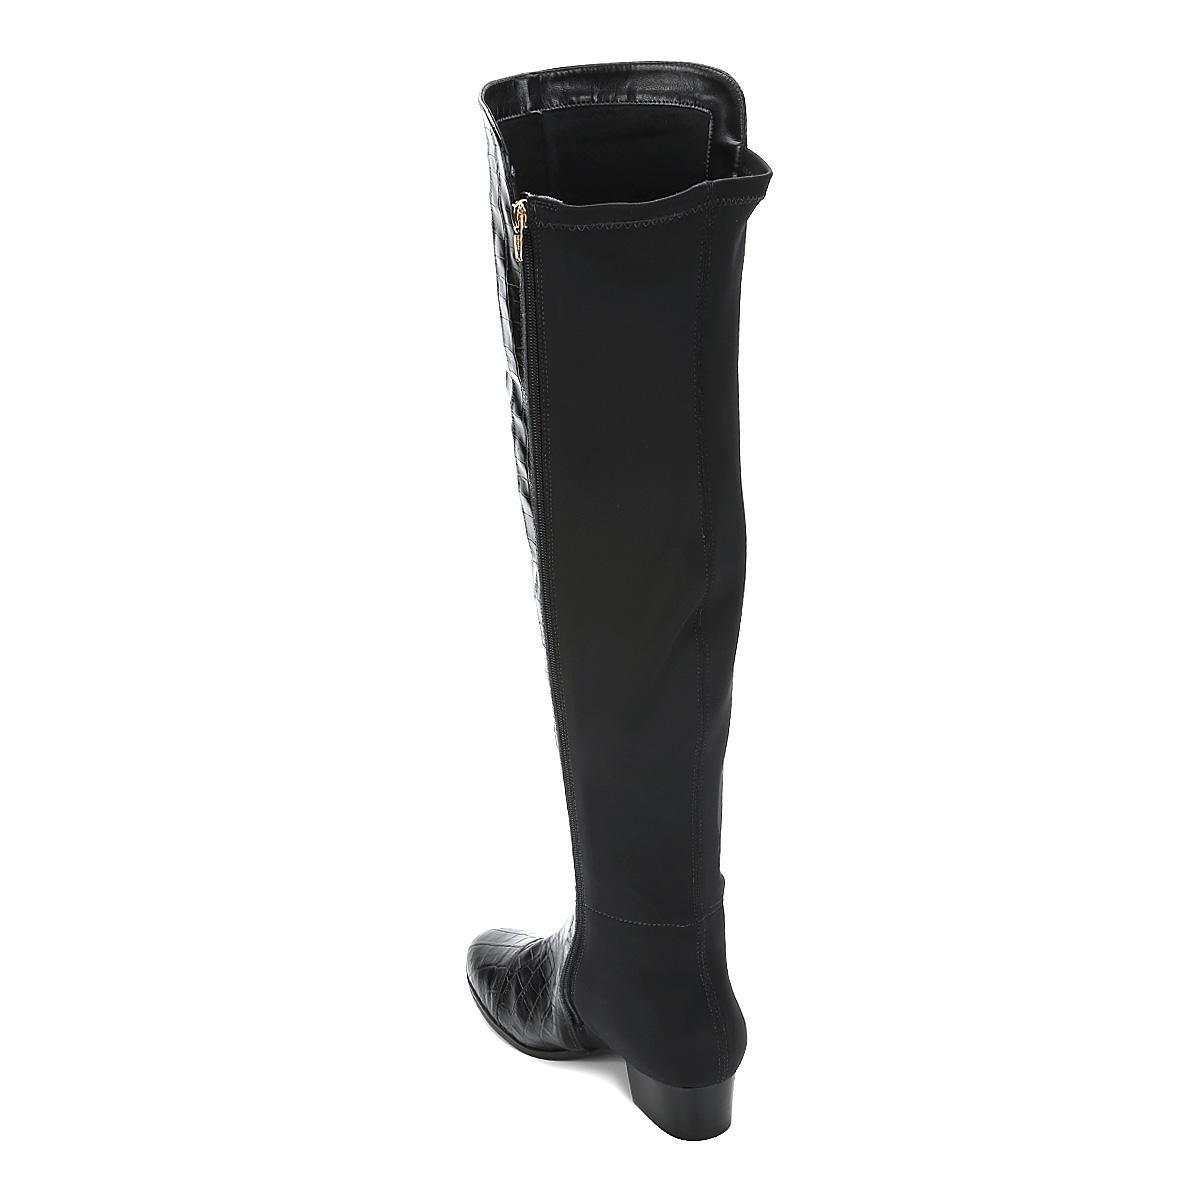 503e83c5b Bota Couro Over The Knee Shoestock Croco Feminina - R$ 229,90 em ...